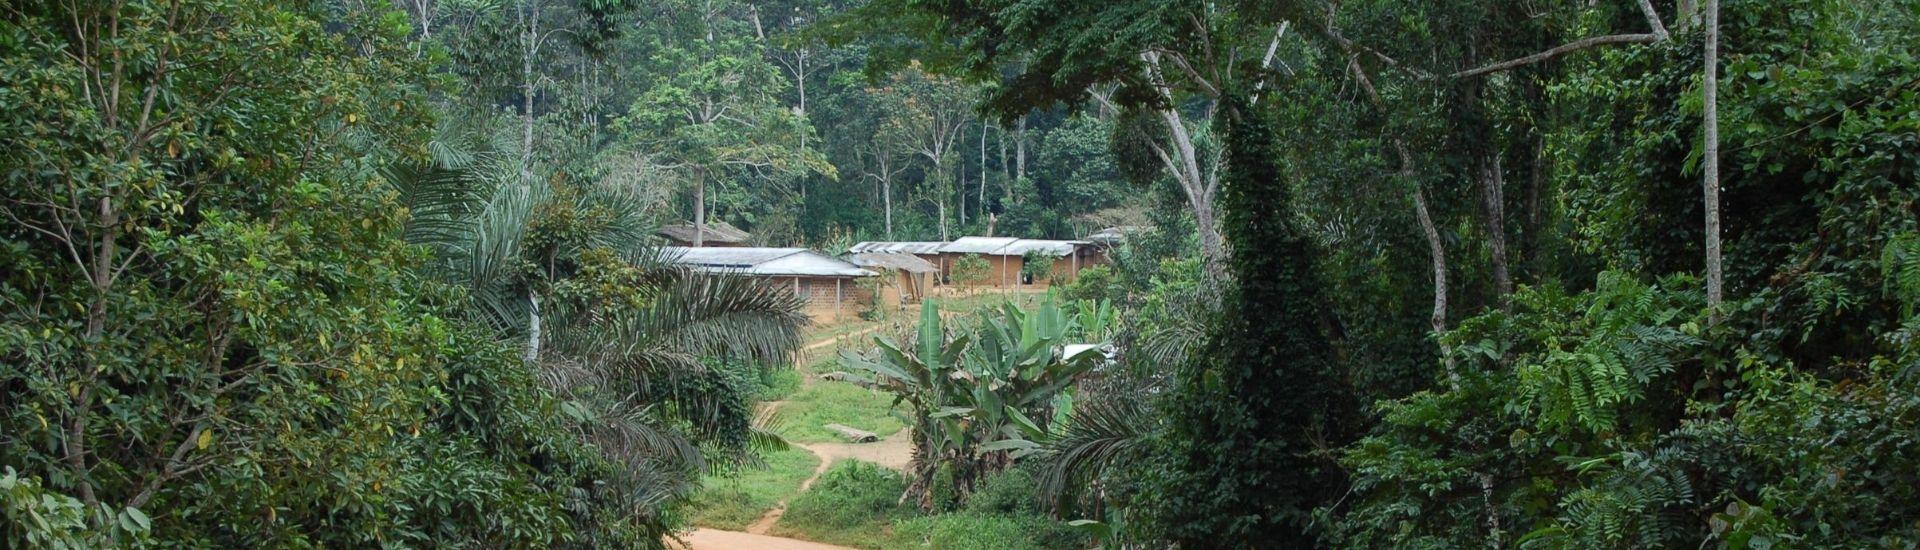 village de forêt afrique